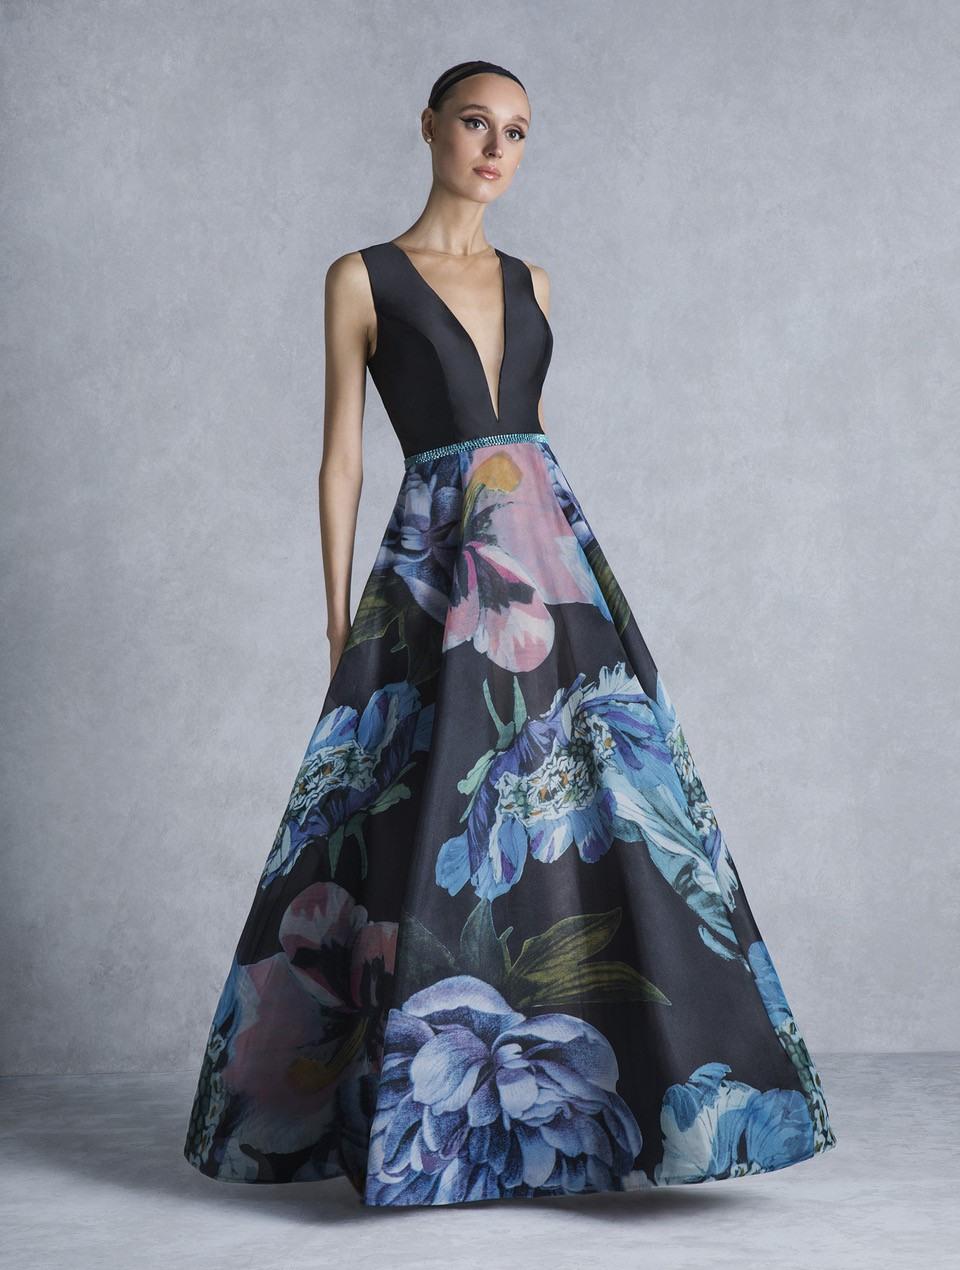 13 Luxus Abend Kleider In Berlin Spezialgebiet15 Großartig Abend Kleider In Berlin Boutique